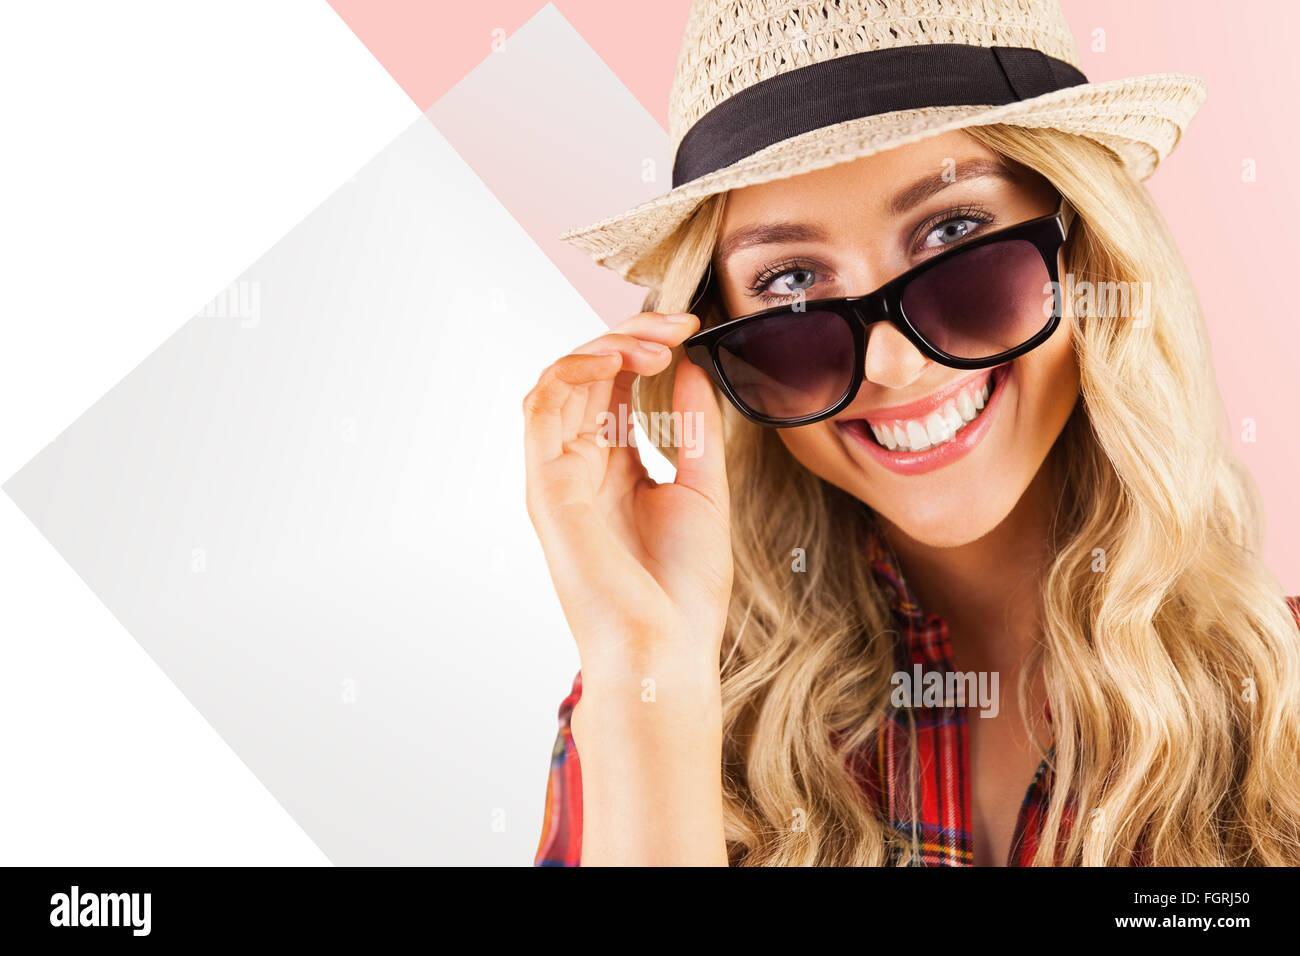 Imagen compuesta de hermosa rubia sonriente hipster posando con gafas de sol Foto de stock